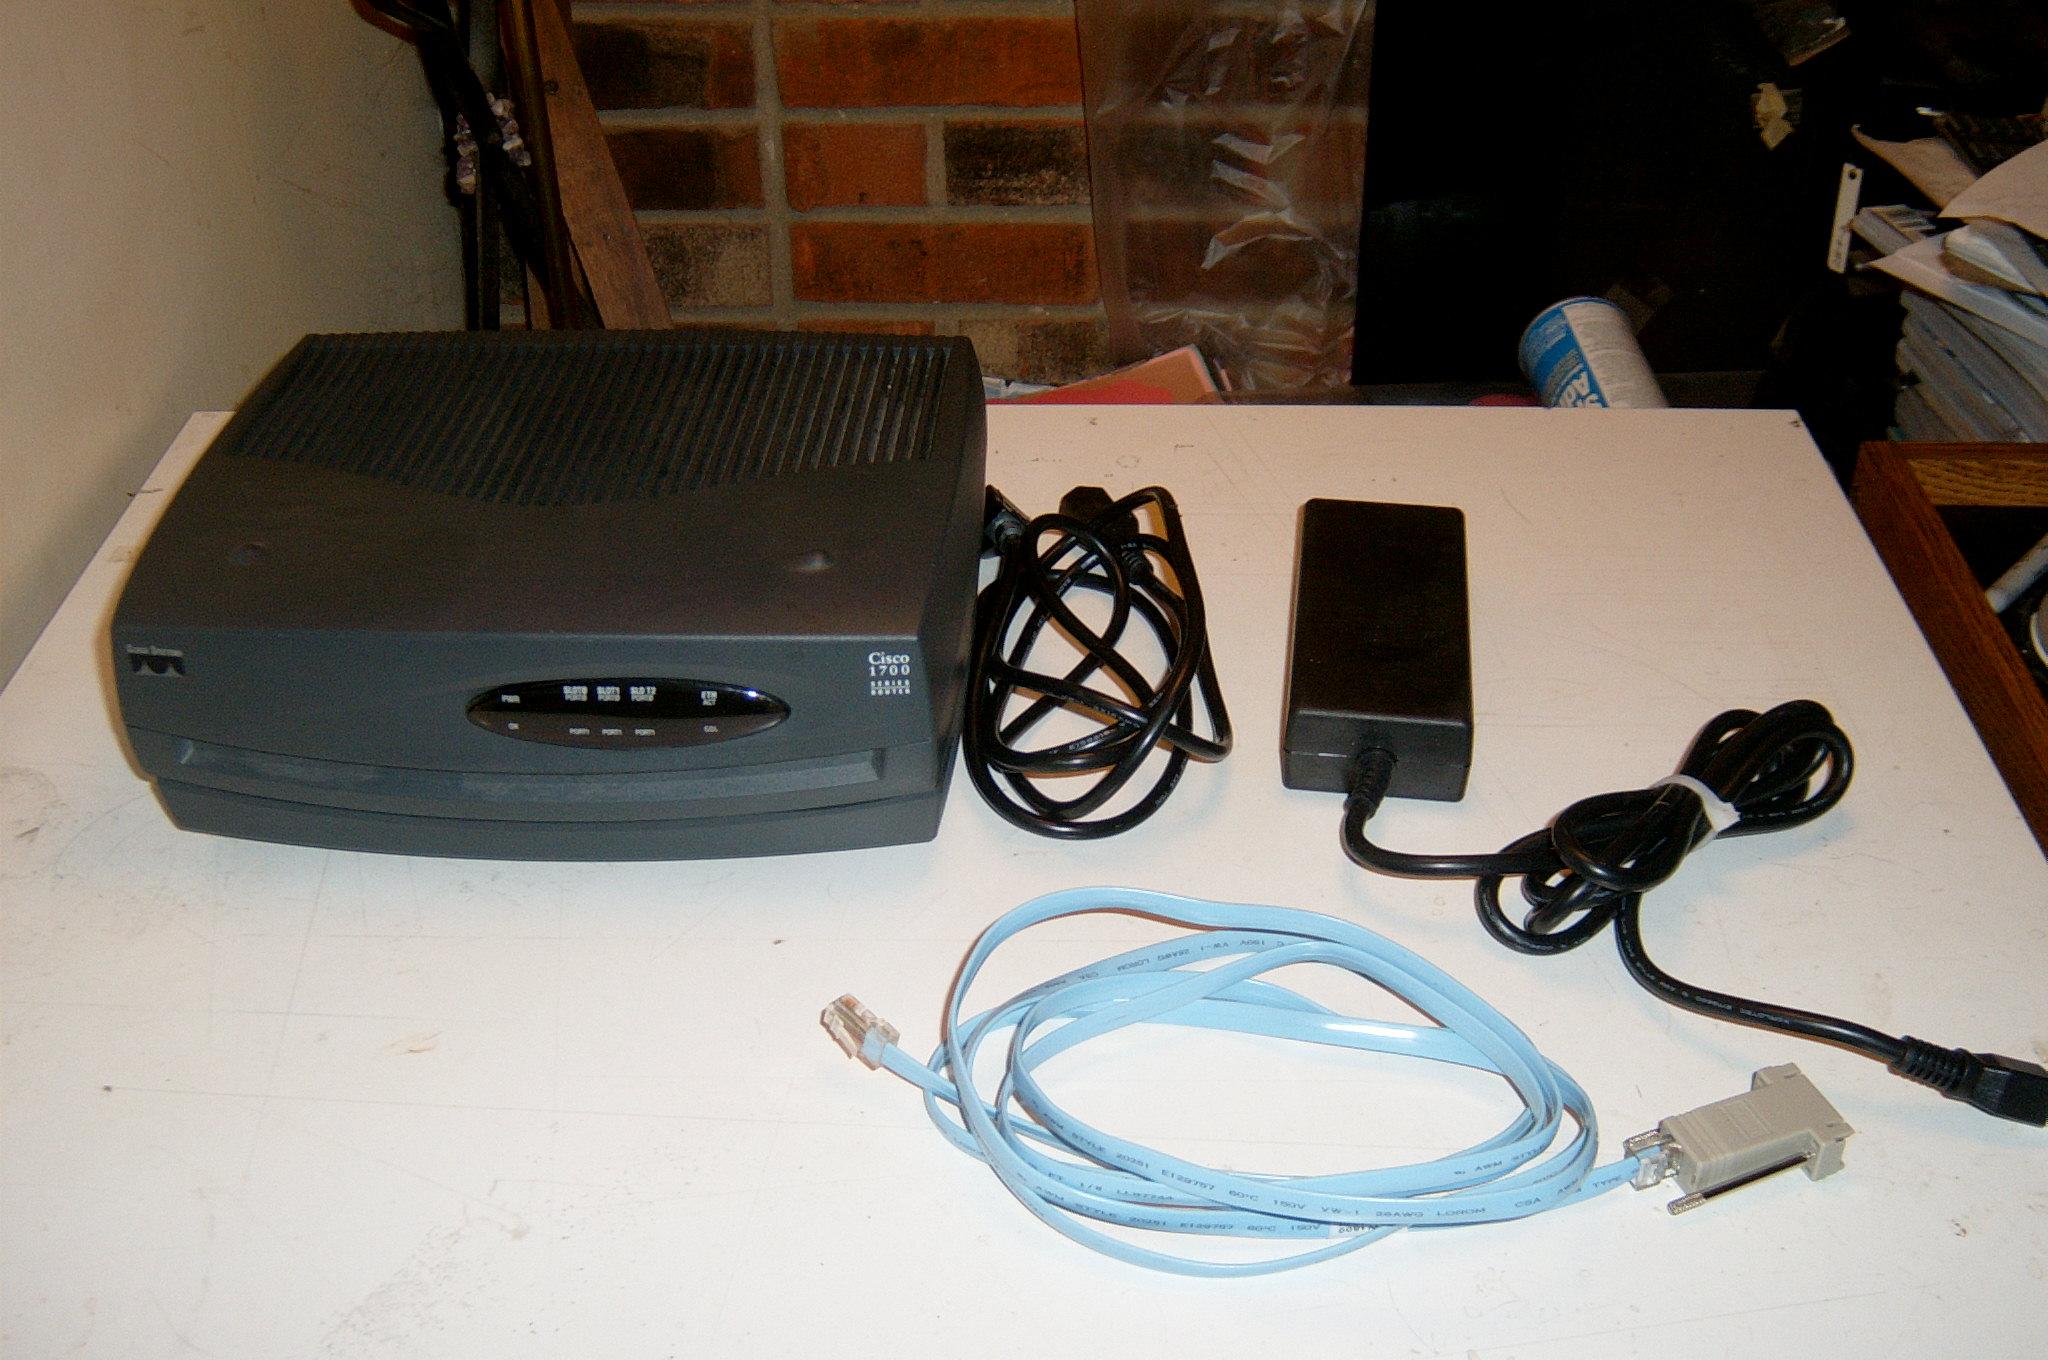 cisco router1